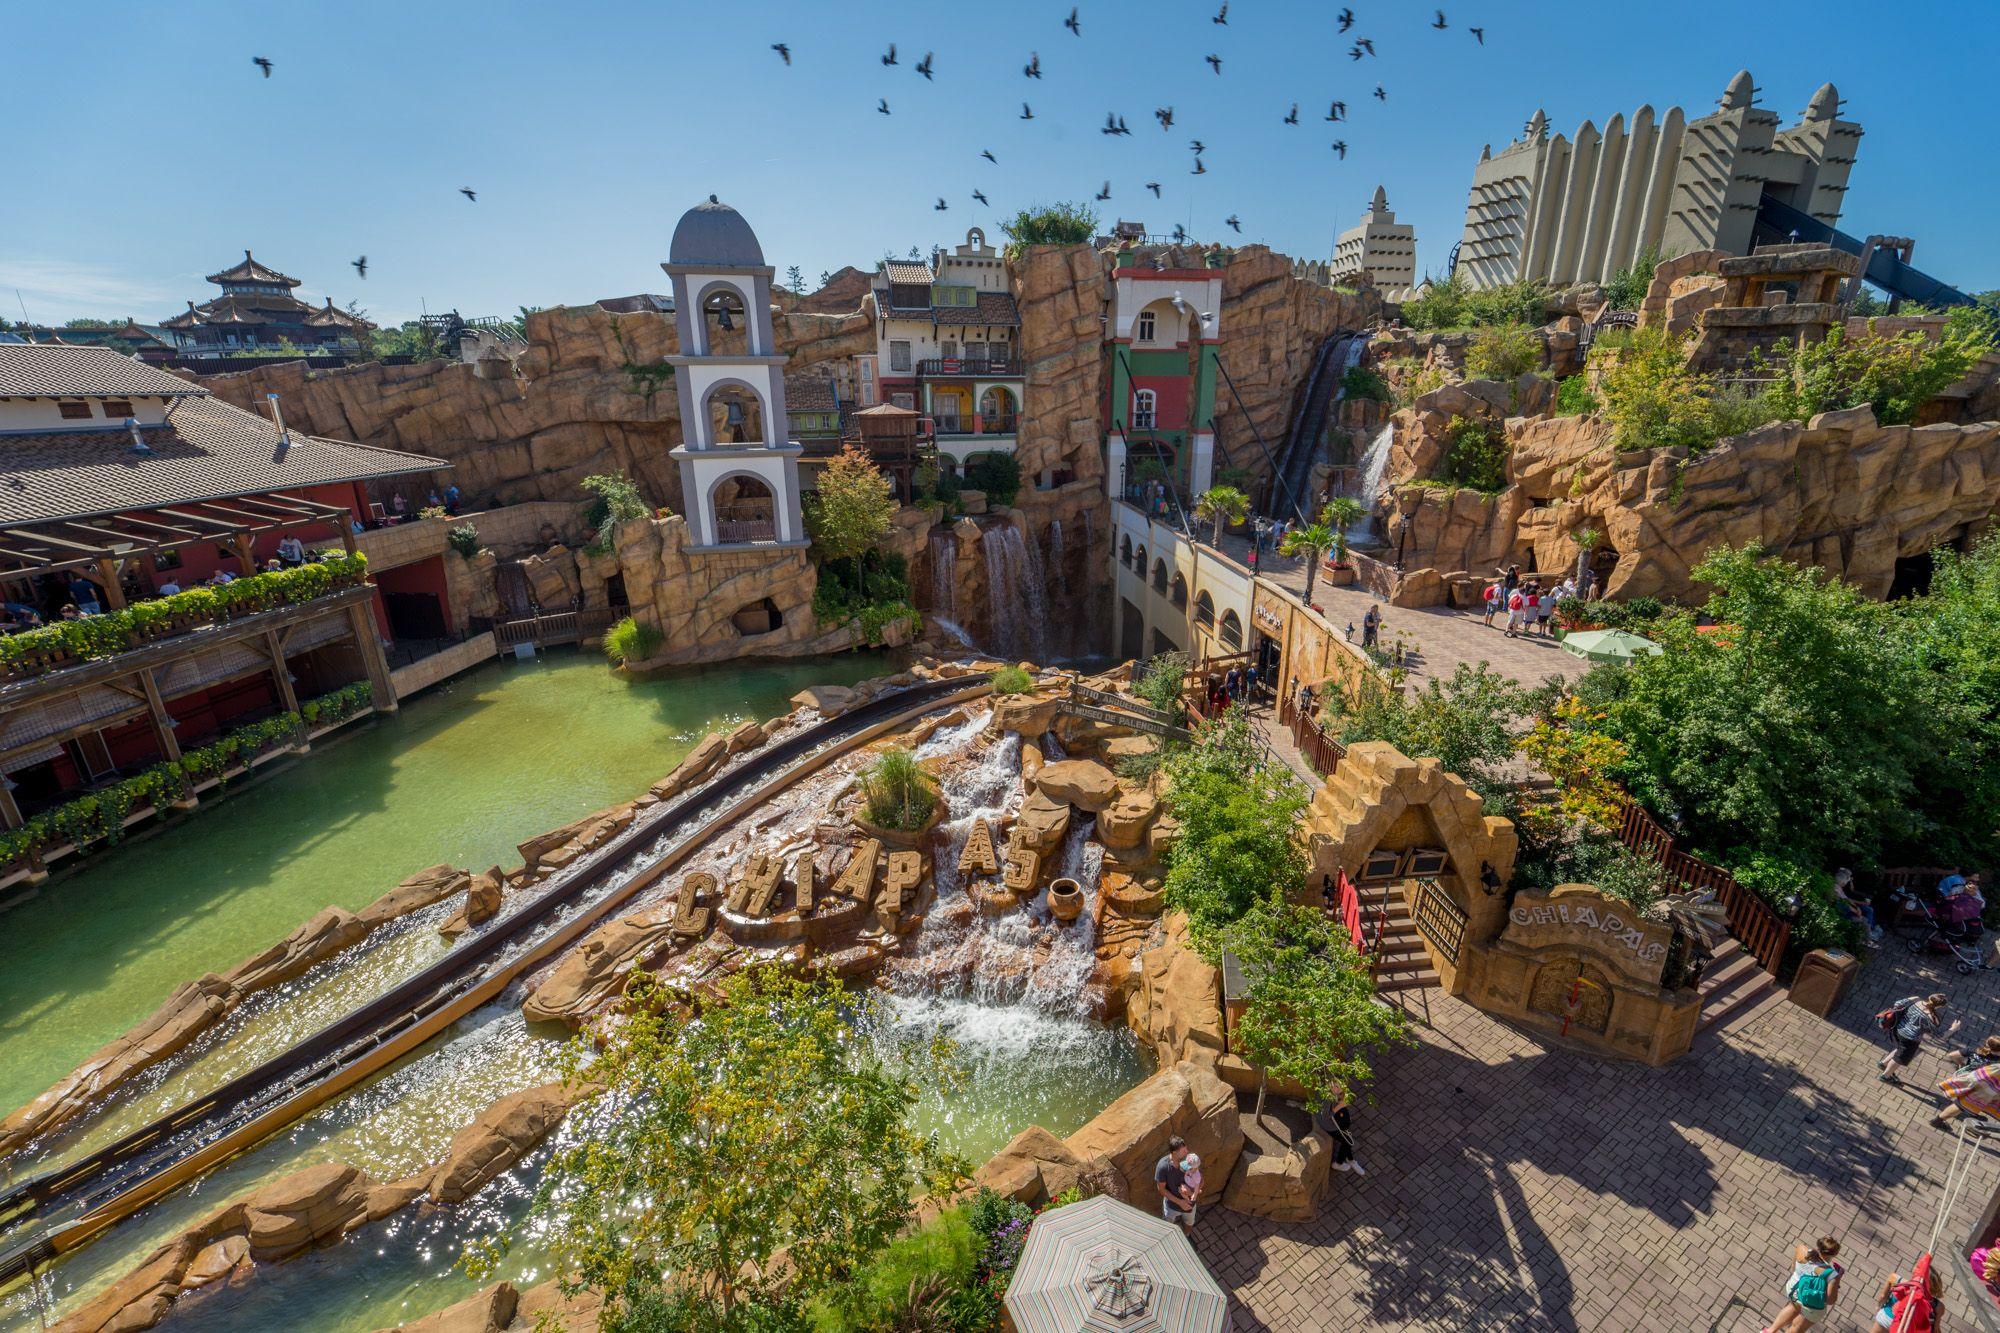 Pin Von Phantasialand Auf Phantastische Themenwelten Im Freizeitpark Phantasialand Phantasialand Freizeitpark Erkunden